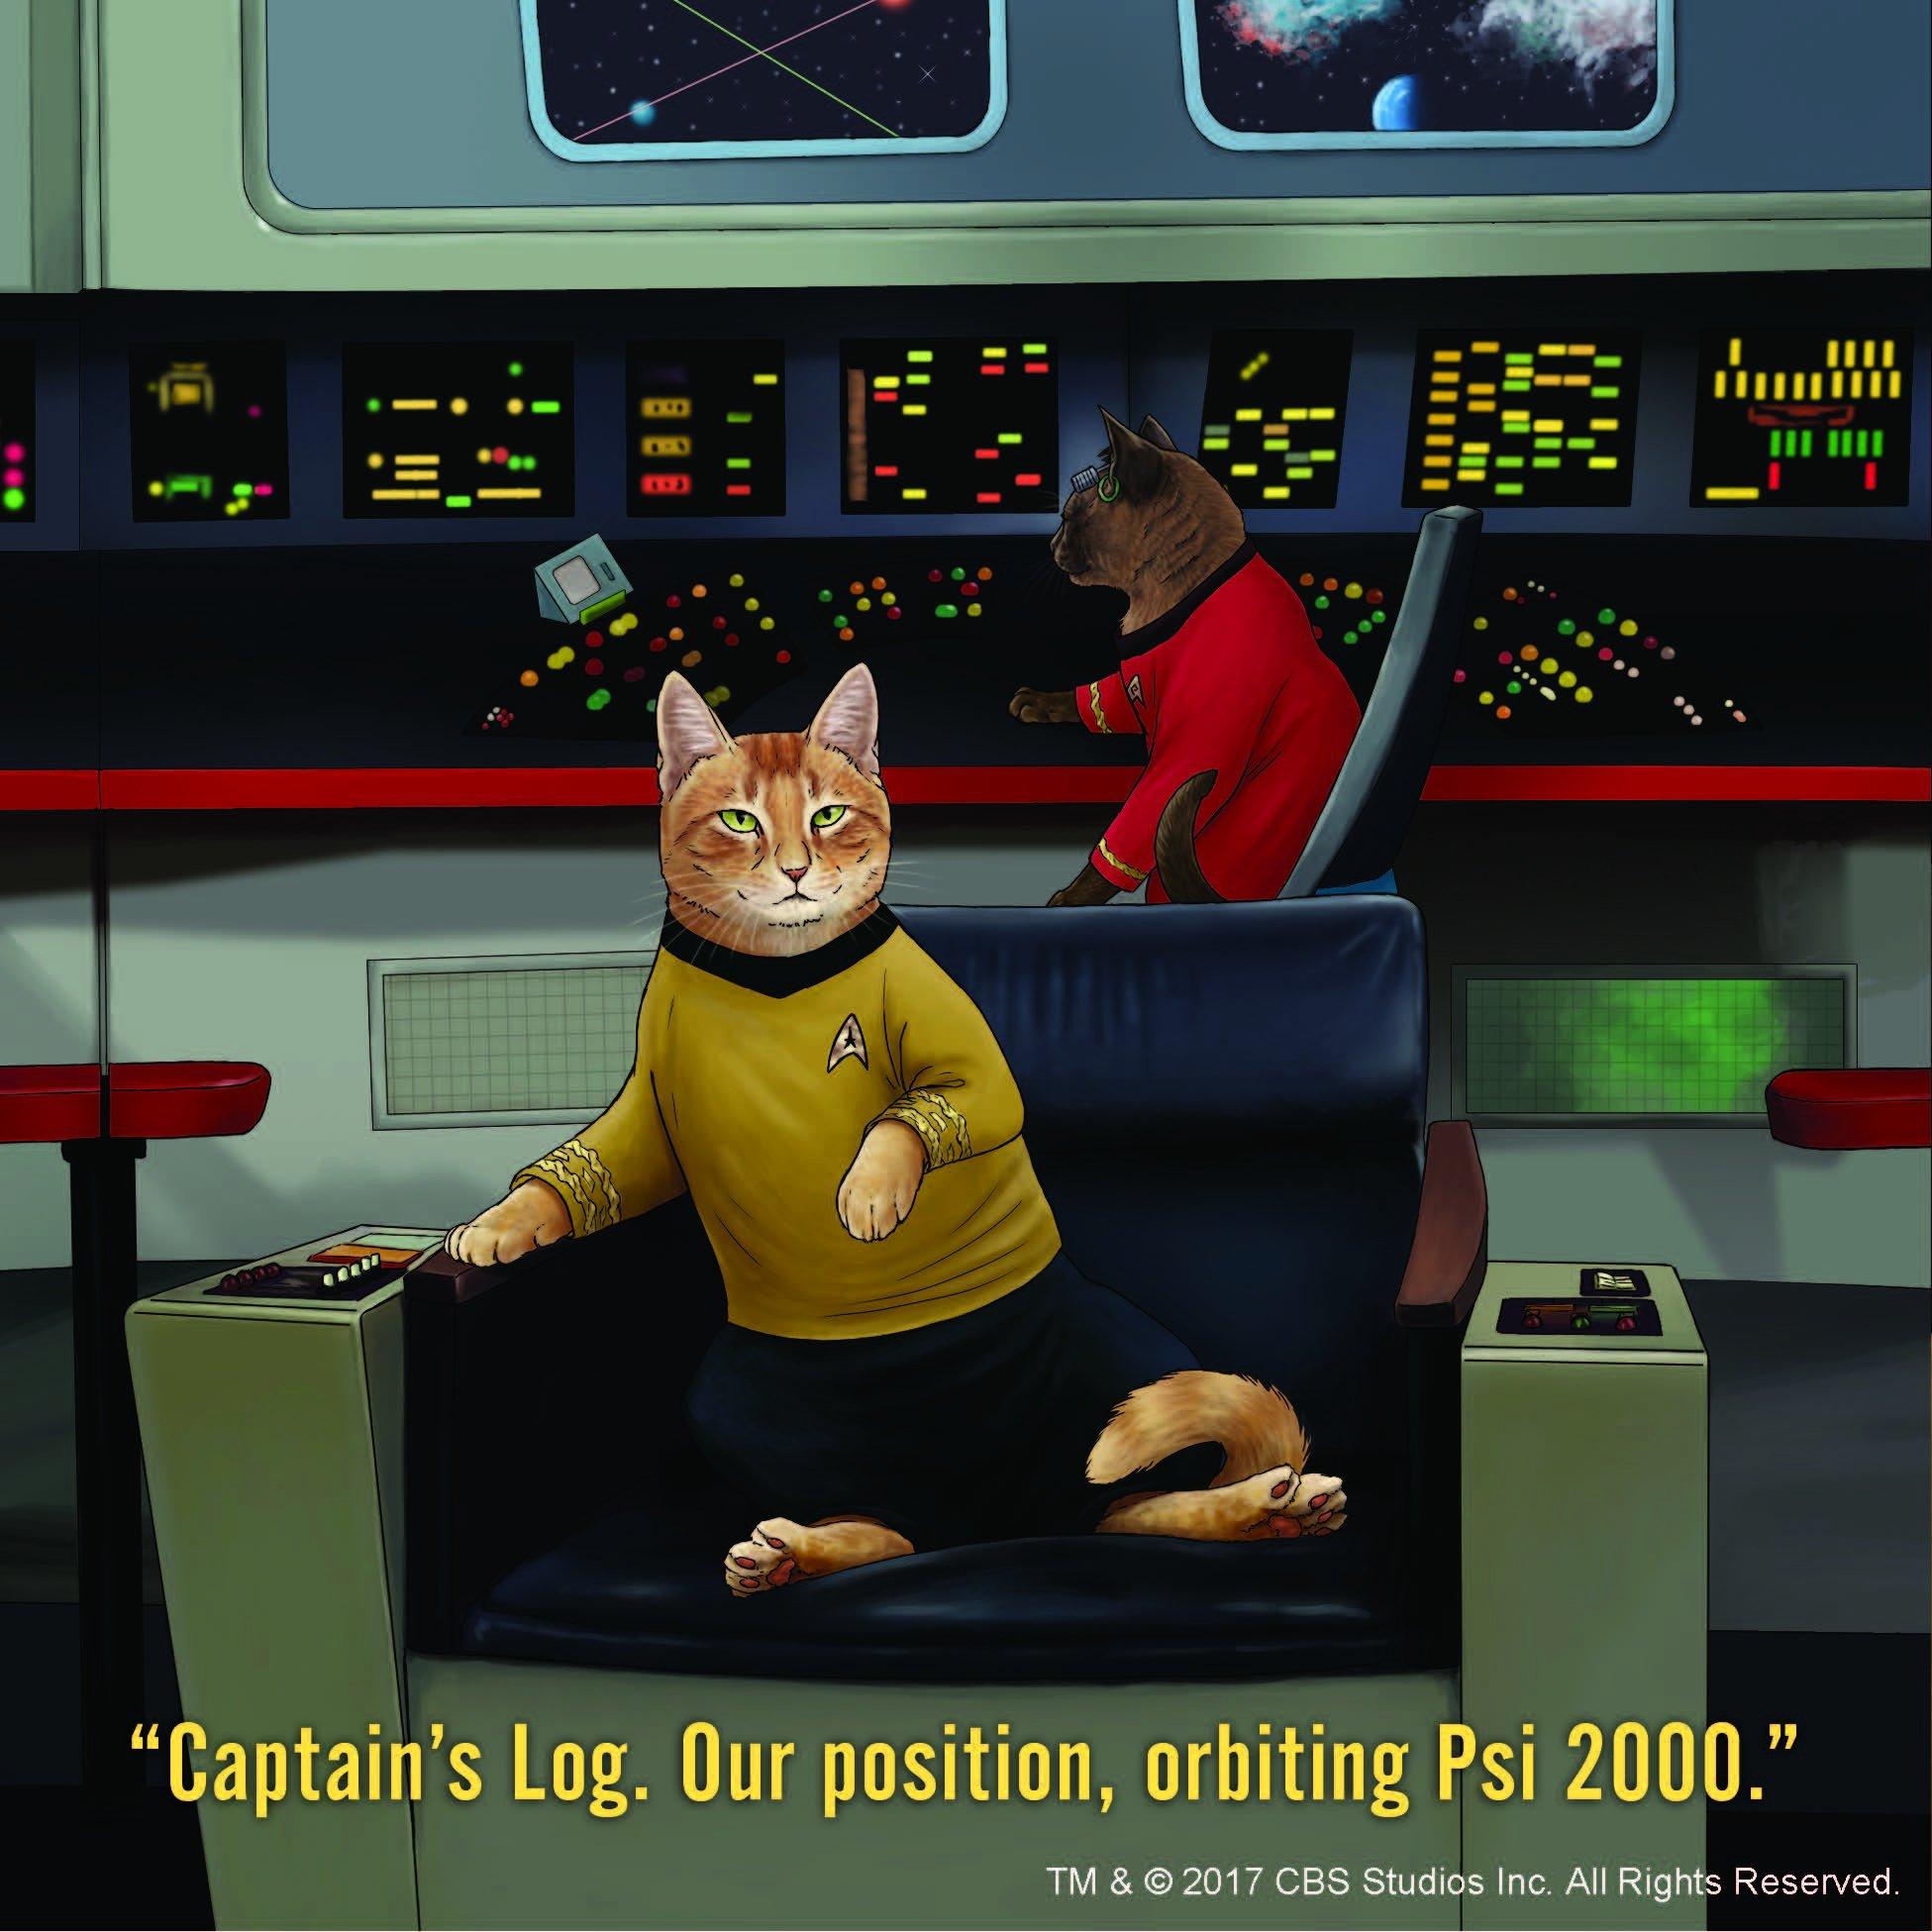 Star Trek uniforms fully explained